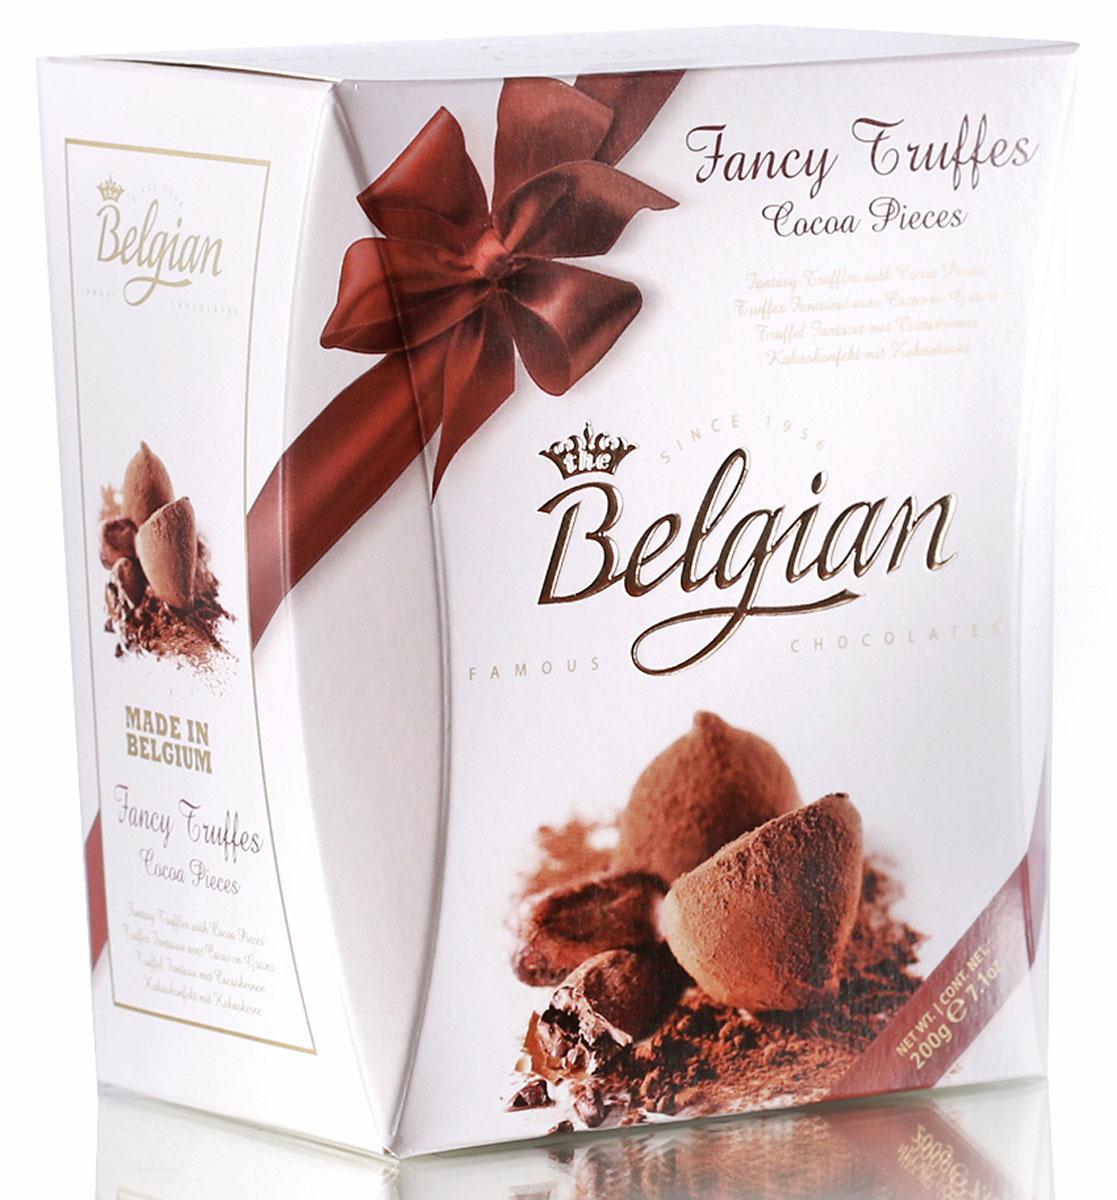 The Belgian Трюфели со вкусом какао, 200 г chocmod конфеты chocmod трюфели париж 500г